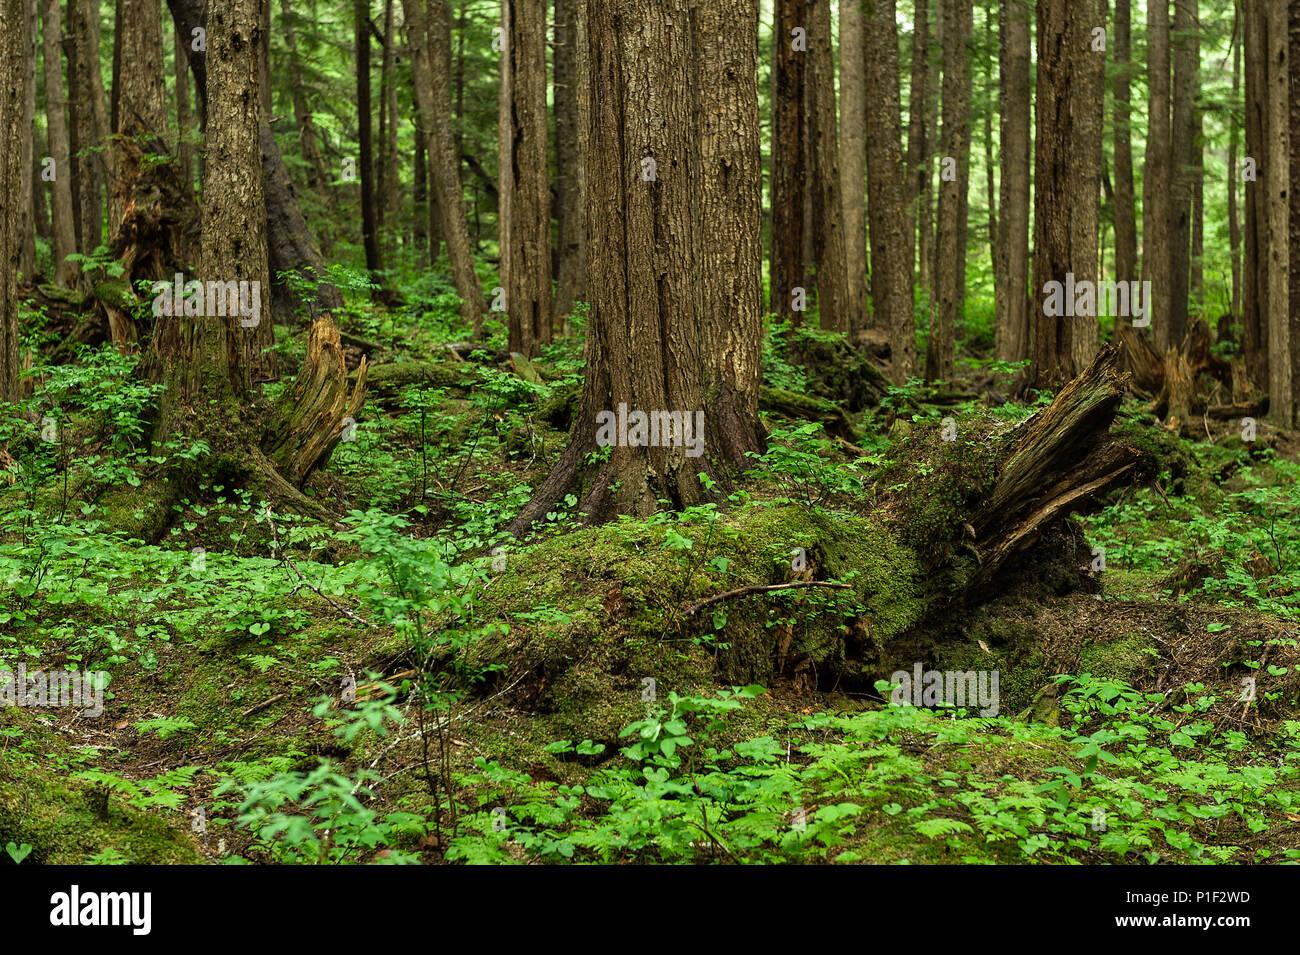 Grünen Wald, Kanarischen, Hoonah, Alaska, USA. Stockbild